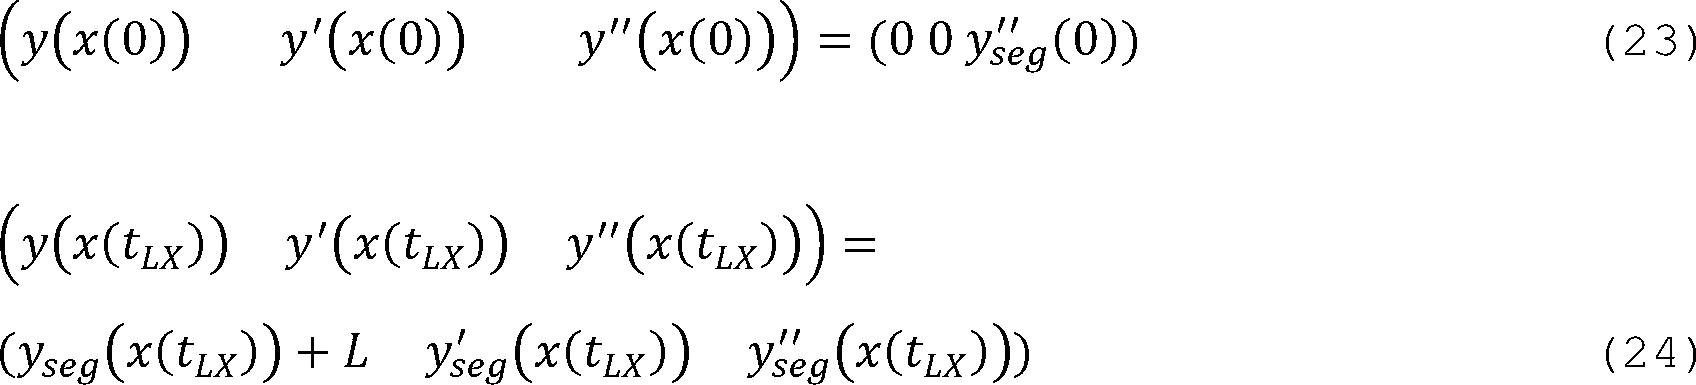 Figure DE102015114464A1_0010